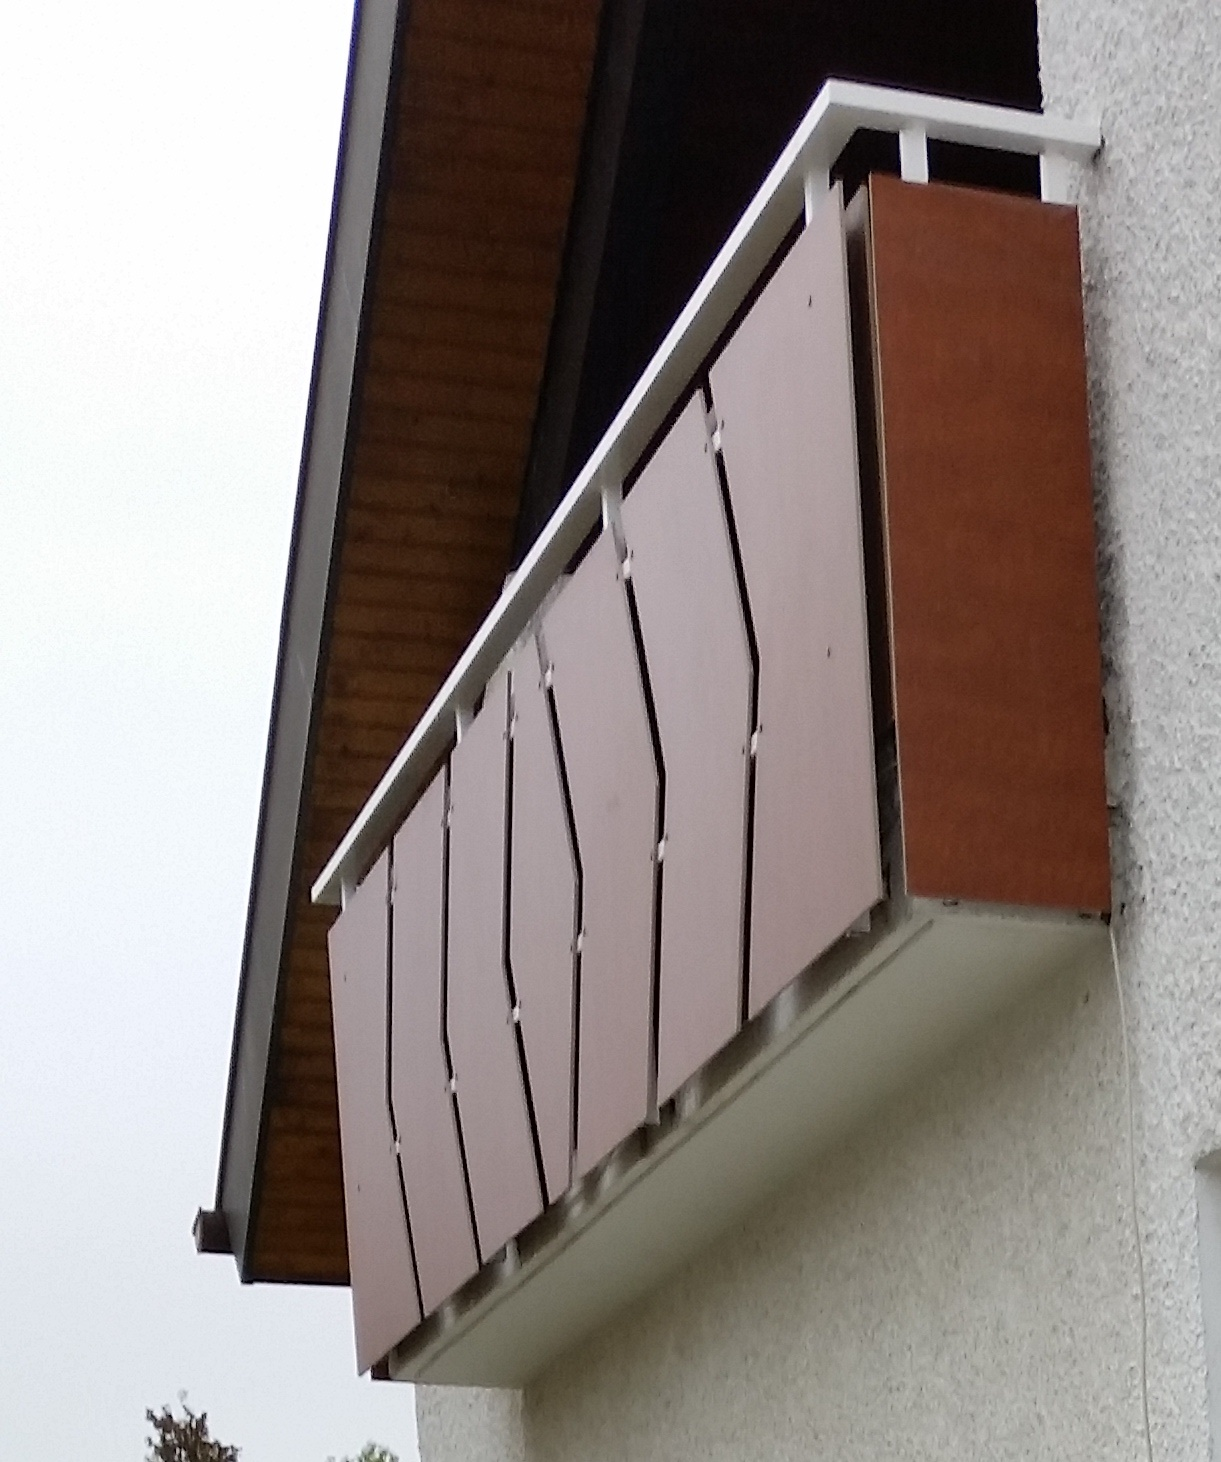 Balkonverkleidung Der Extraklasse Zeitlos Und Wetterbestandig Wird